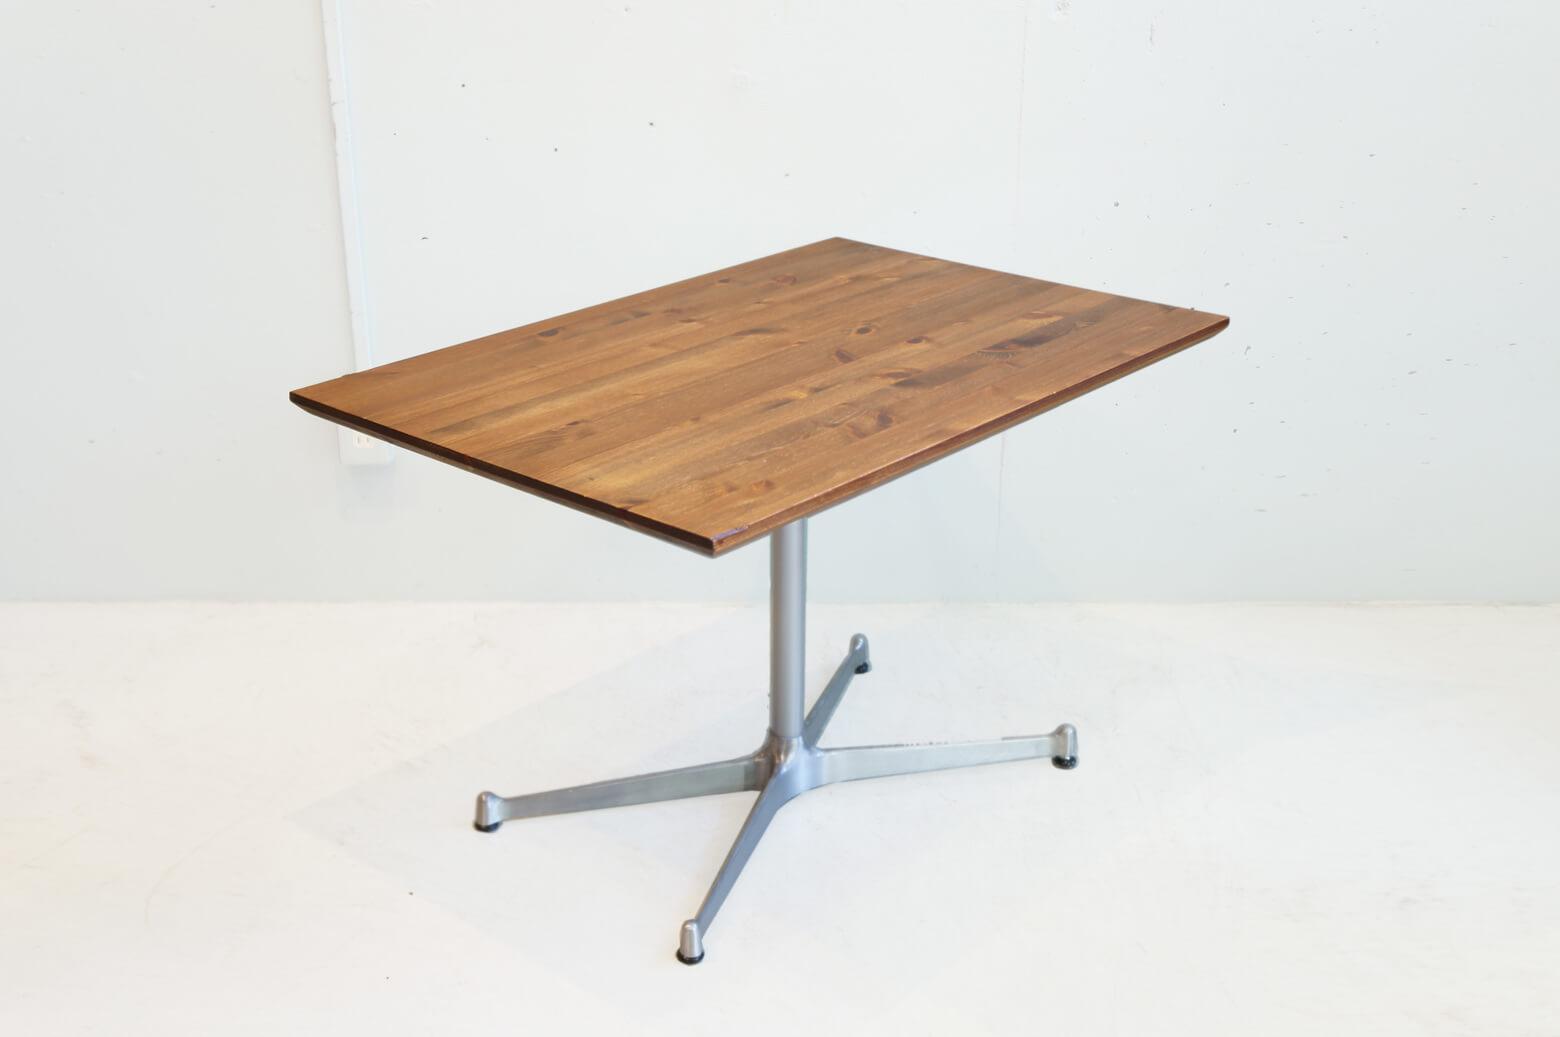 シンプルでスタイリッシュなカフェテーブル。 食事やパソコン作業などがソファに座ったままできる、ちょうどいい高さにデザインされています。 クールなアイアンのX脚とあたたかみのある木の組み合わせがおしゃれ♪ ブルックリンスタイルやインダストリアルインテリアにぴったりです。 お家で憧れのカフェスタイルが楽しめます。 天板の角が一箇所、削れています。 細かなキズやスレ、鉄脚のサビがございます。 ソファにローテーブルだとどうしても姿勢が前のめりになって食事がしにくい…、結局ソファから降りて床に座って食事をしている…、なんて方も多いのでは? そんな方にはぜひ、ソファに合わせた高さのテーブルを使うことをおすすめします! ~【東京都杉並区阿佐ヶ谷北アンティークショップ 古一】 古一/ふるいちでは出張無料買取も行っております。杉並区周辺はもちろん、世田谷区・目黒区・武蔵野市・新宿区等の東京近郊のお見積もりも!ビンテージ家具・インテリア雑貨・ランプ・USED品・ リサイクルなら古一/フルイチへ~